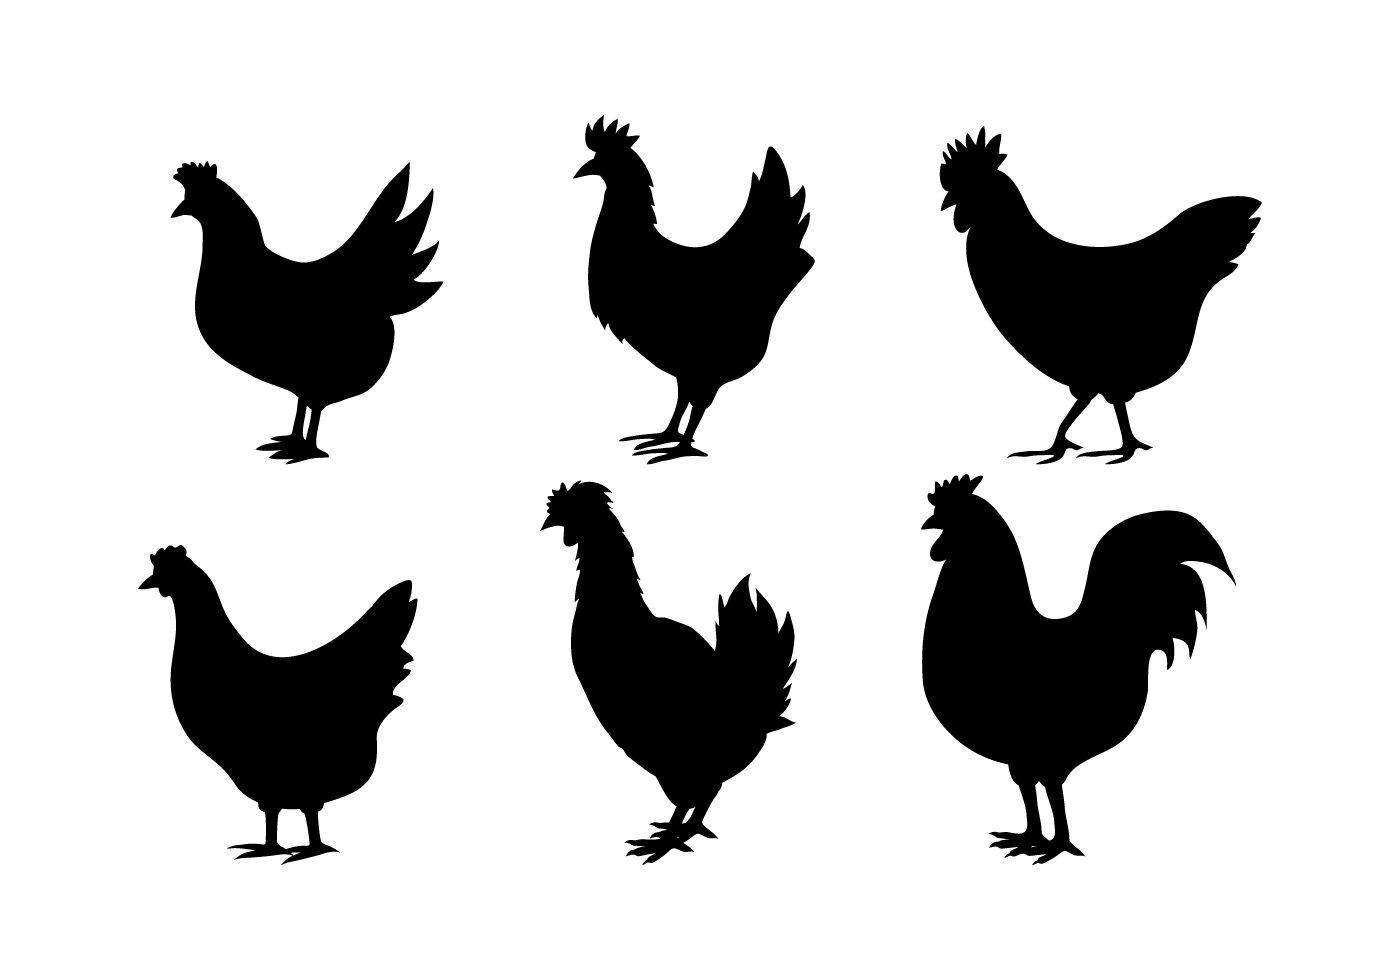 1400x980 Chicken Vector Art S Chicken Silhouette Vectors Adult